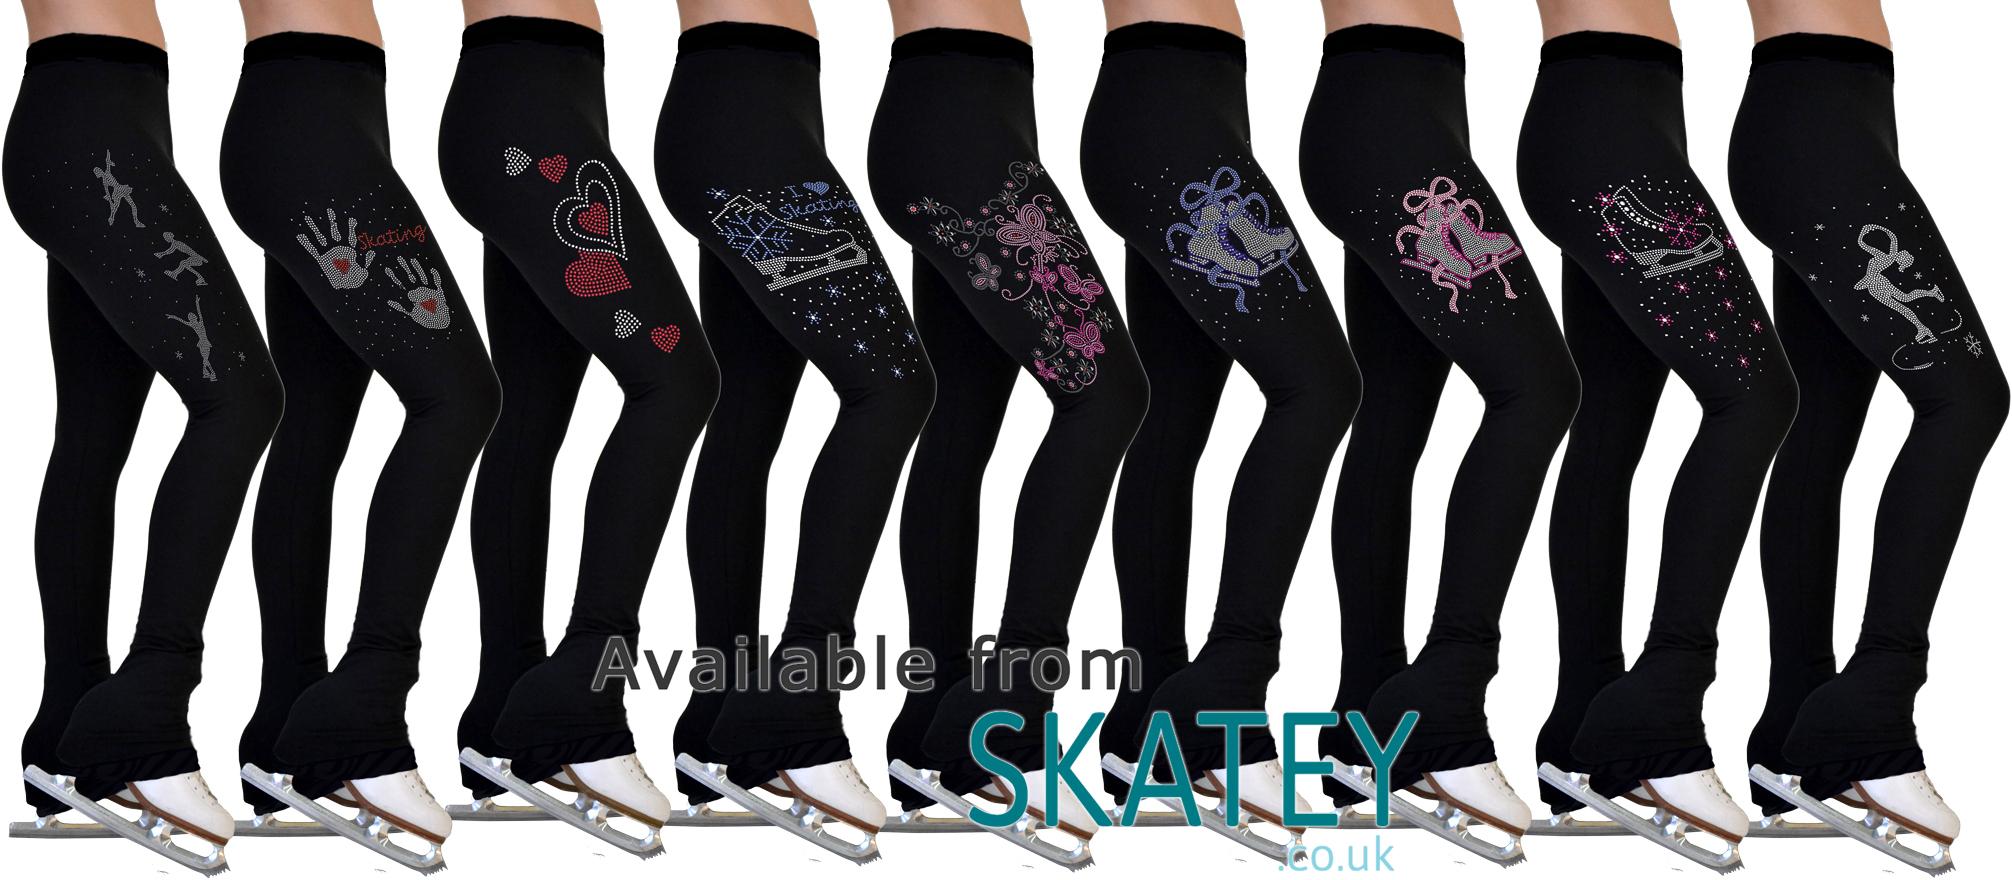 b06a83d3d75fa Chloe Noel Rhinestone Ice Skating Trousers / Leggings From Skatey.co.uk